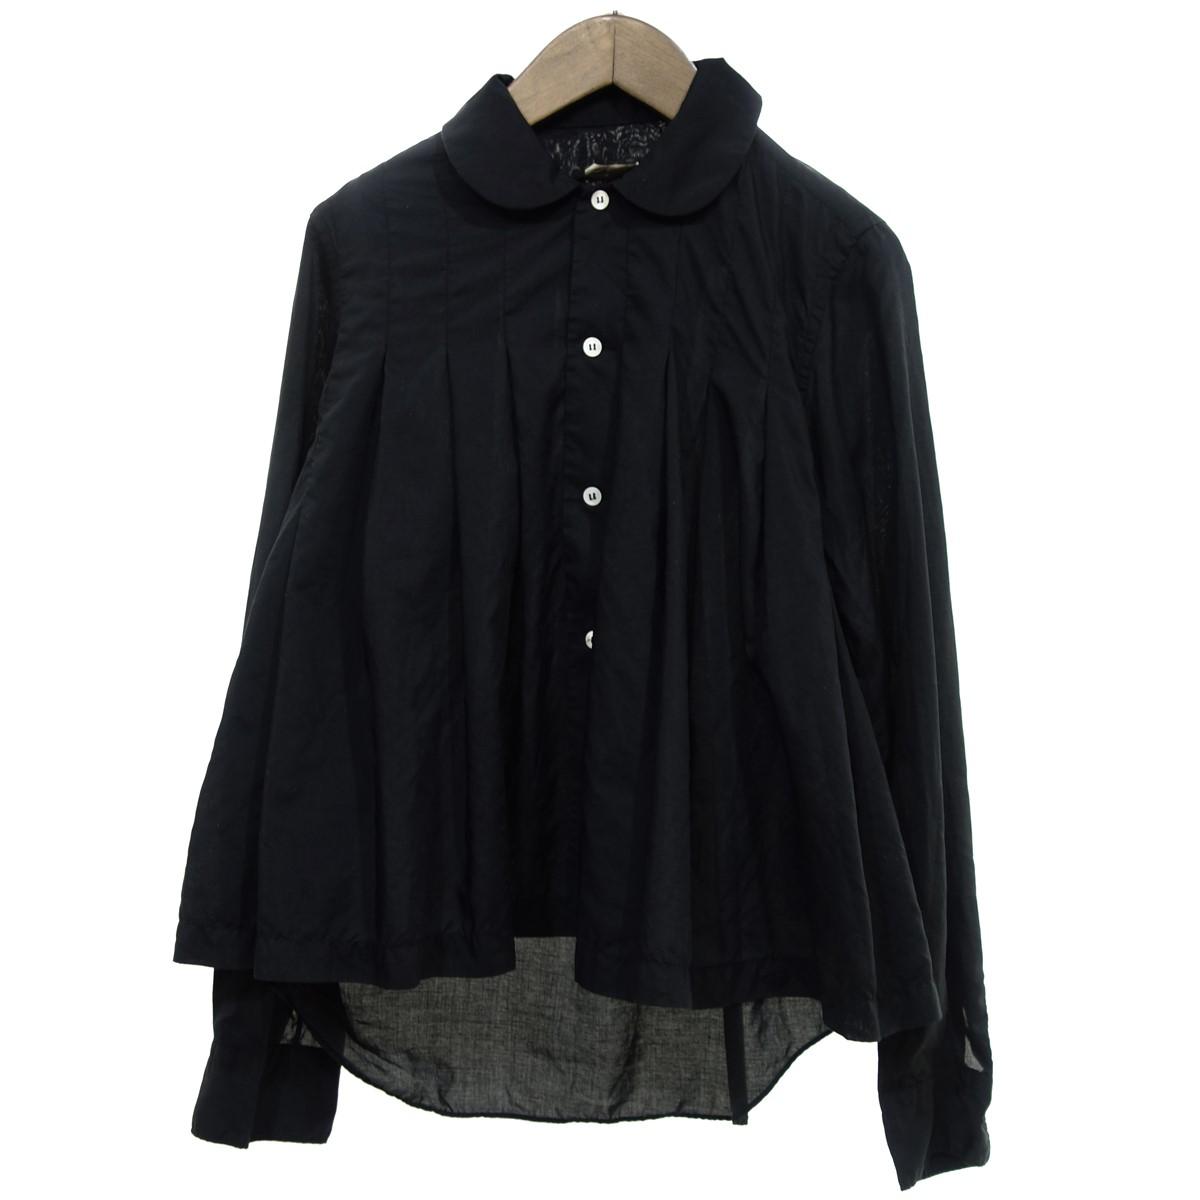 【中古】COMME des GARCONS ポリエステル シャツ ブラック サイズ:XS 【110320】(コムデギャルソン)